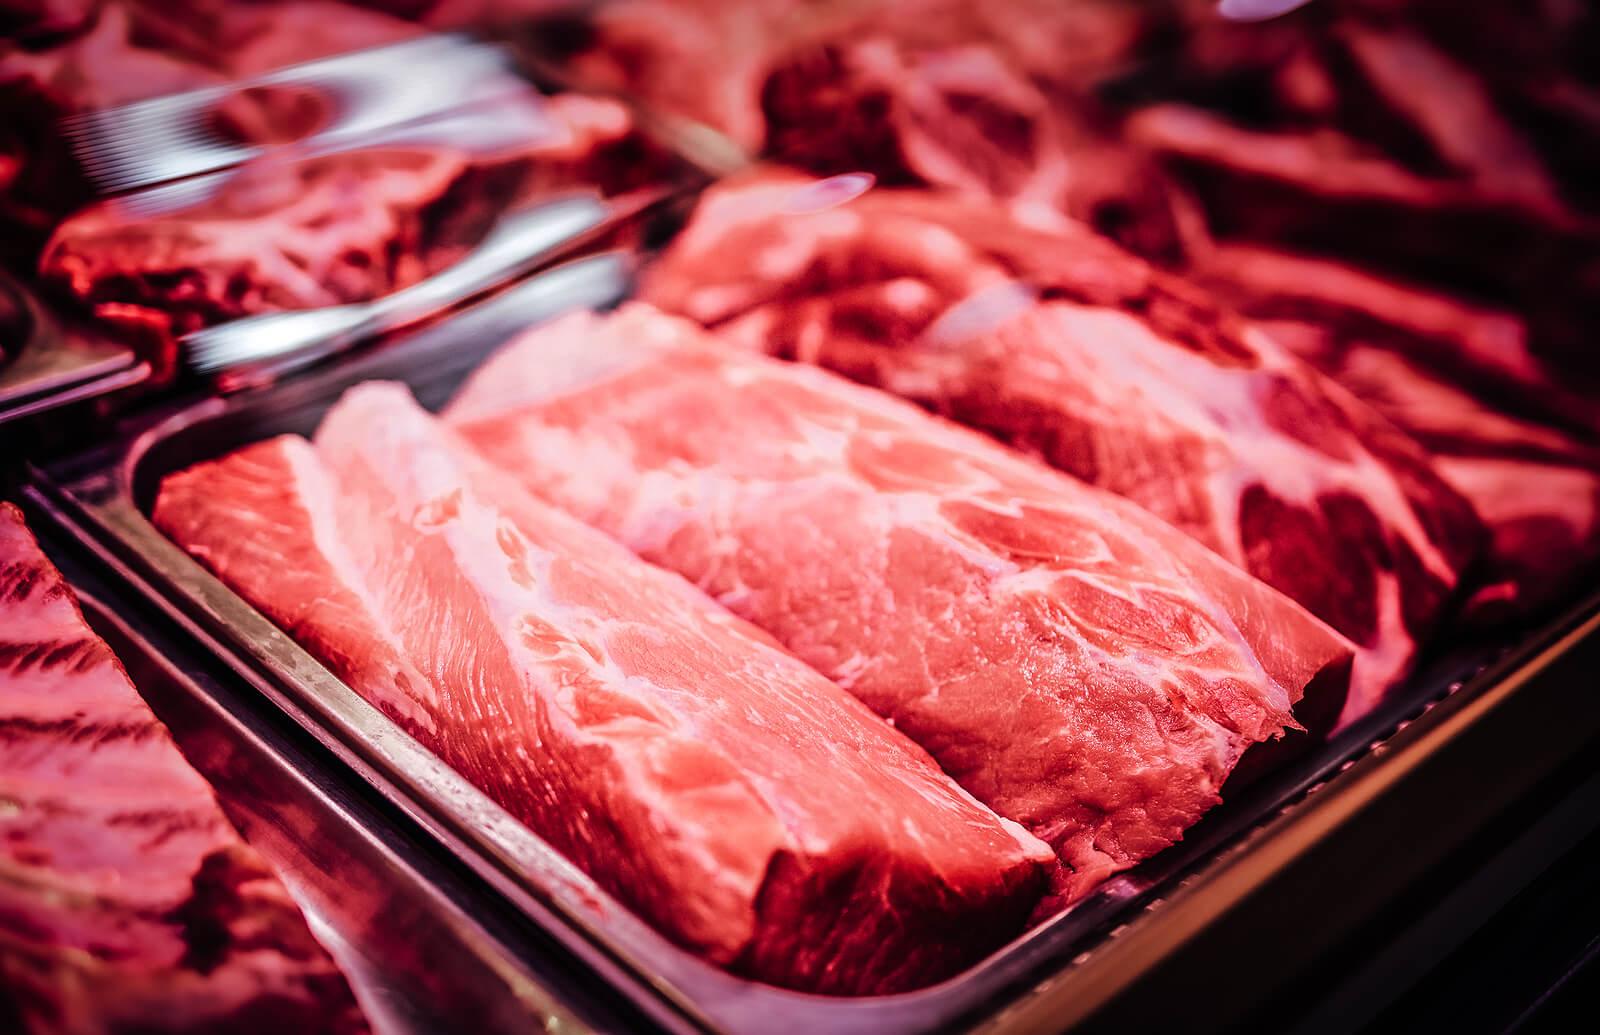 La salmonela puede encontrarse en carnes contaminadas